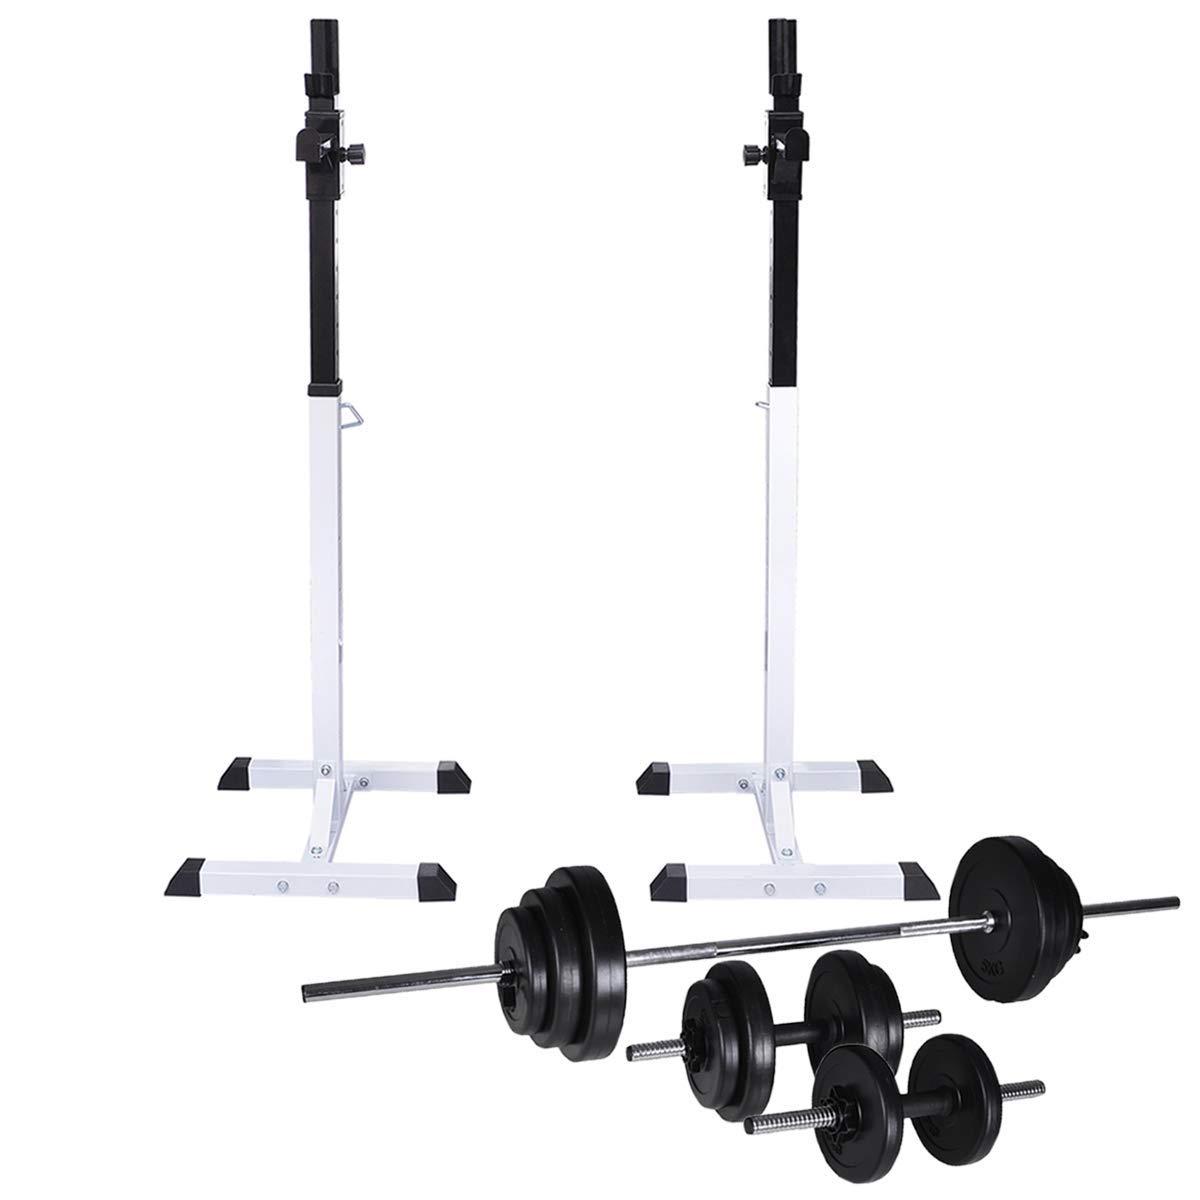 VidaXL Kniebeugenständer mit Hantel Set 30,5kg Langhantelständer Hantelablage